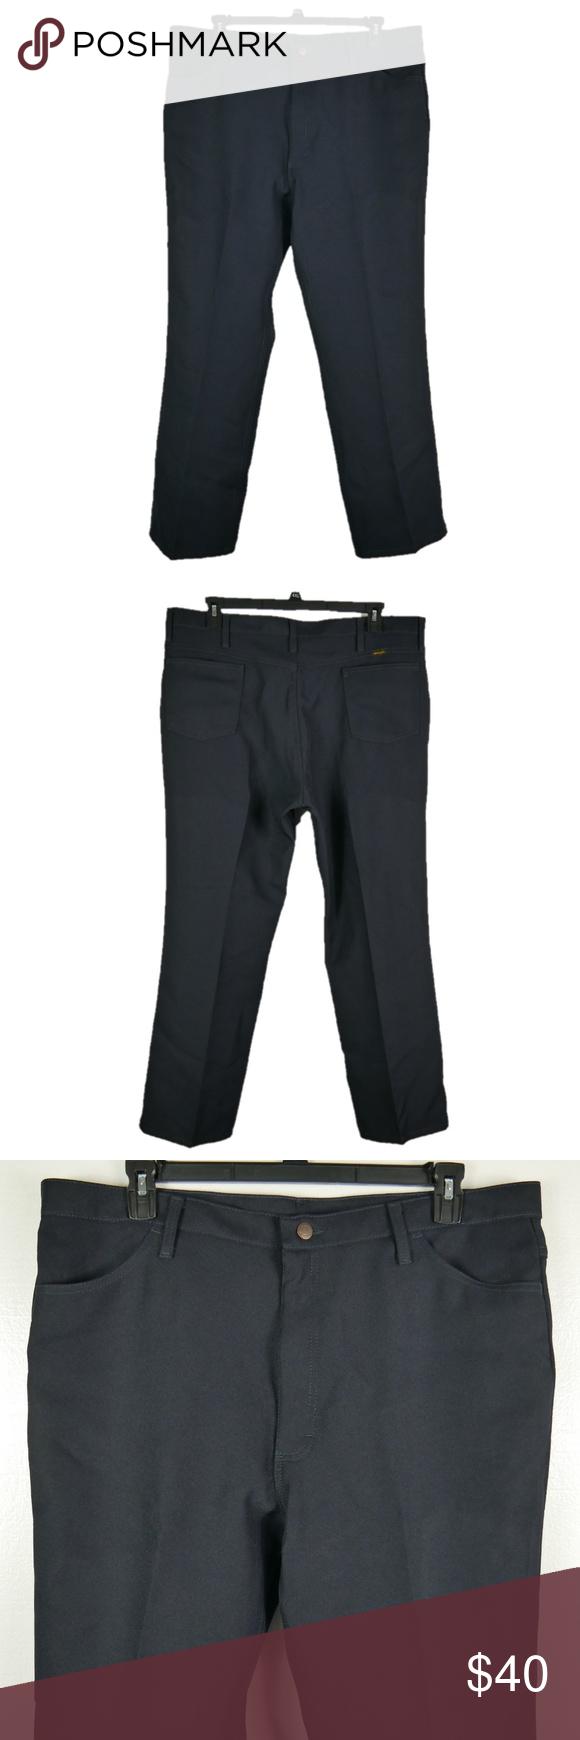 41cb311c Mens Wrangler Wrancher Dress Jeans